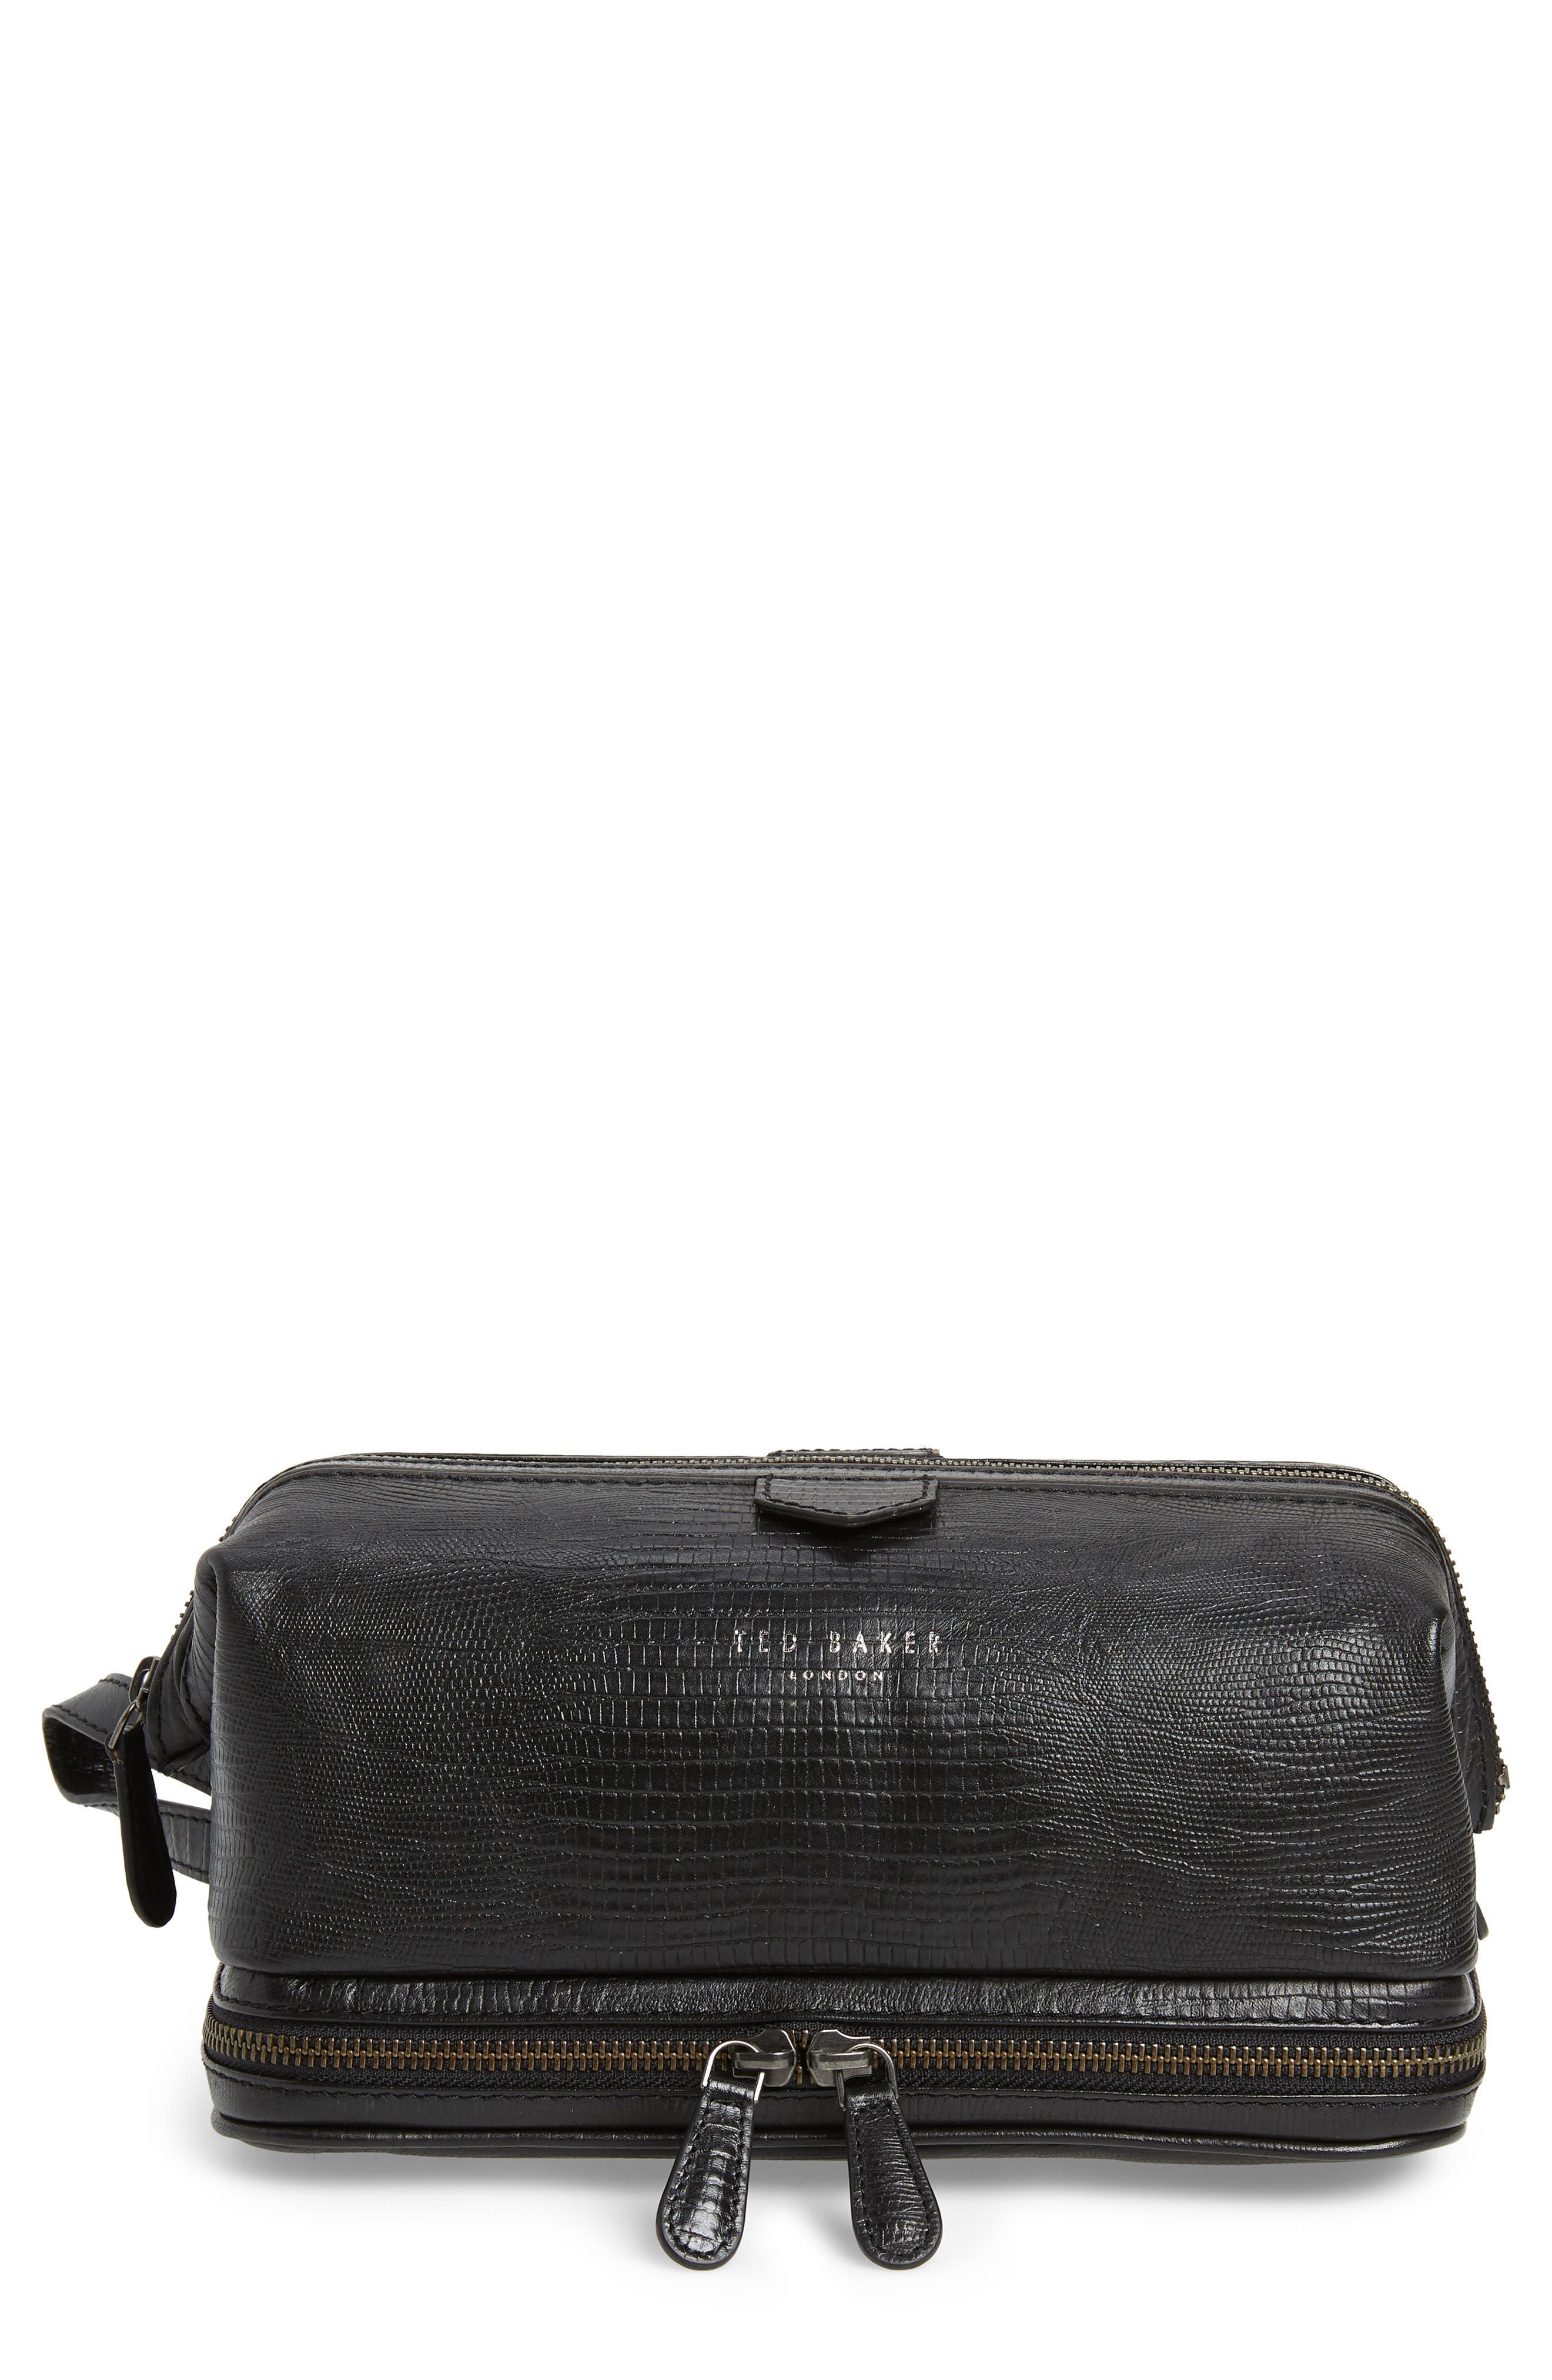 TED BAKER LONDON,                             Leather Travel Kit,                             Main thumbnail 1, color,                             BLACK